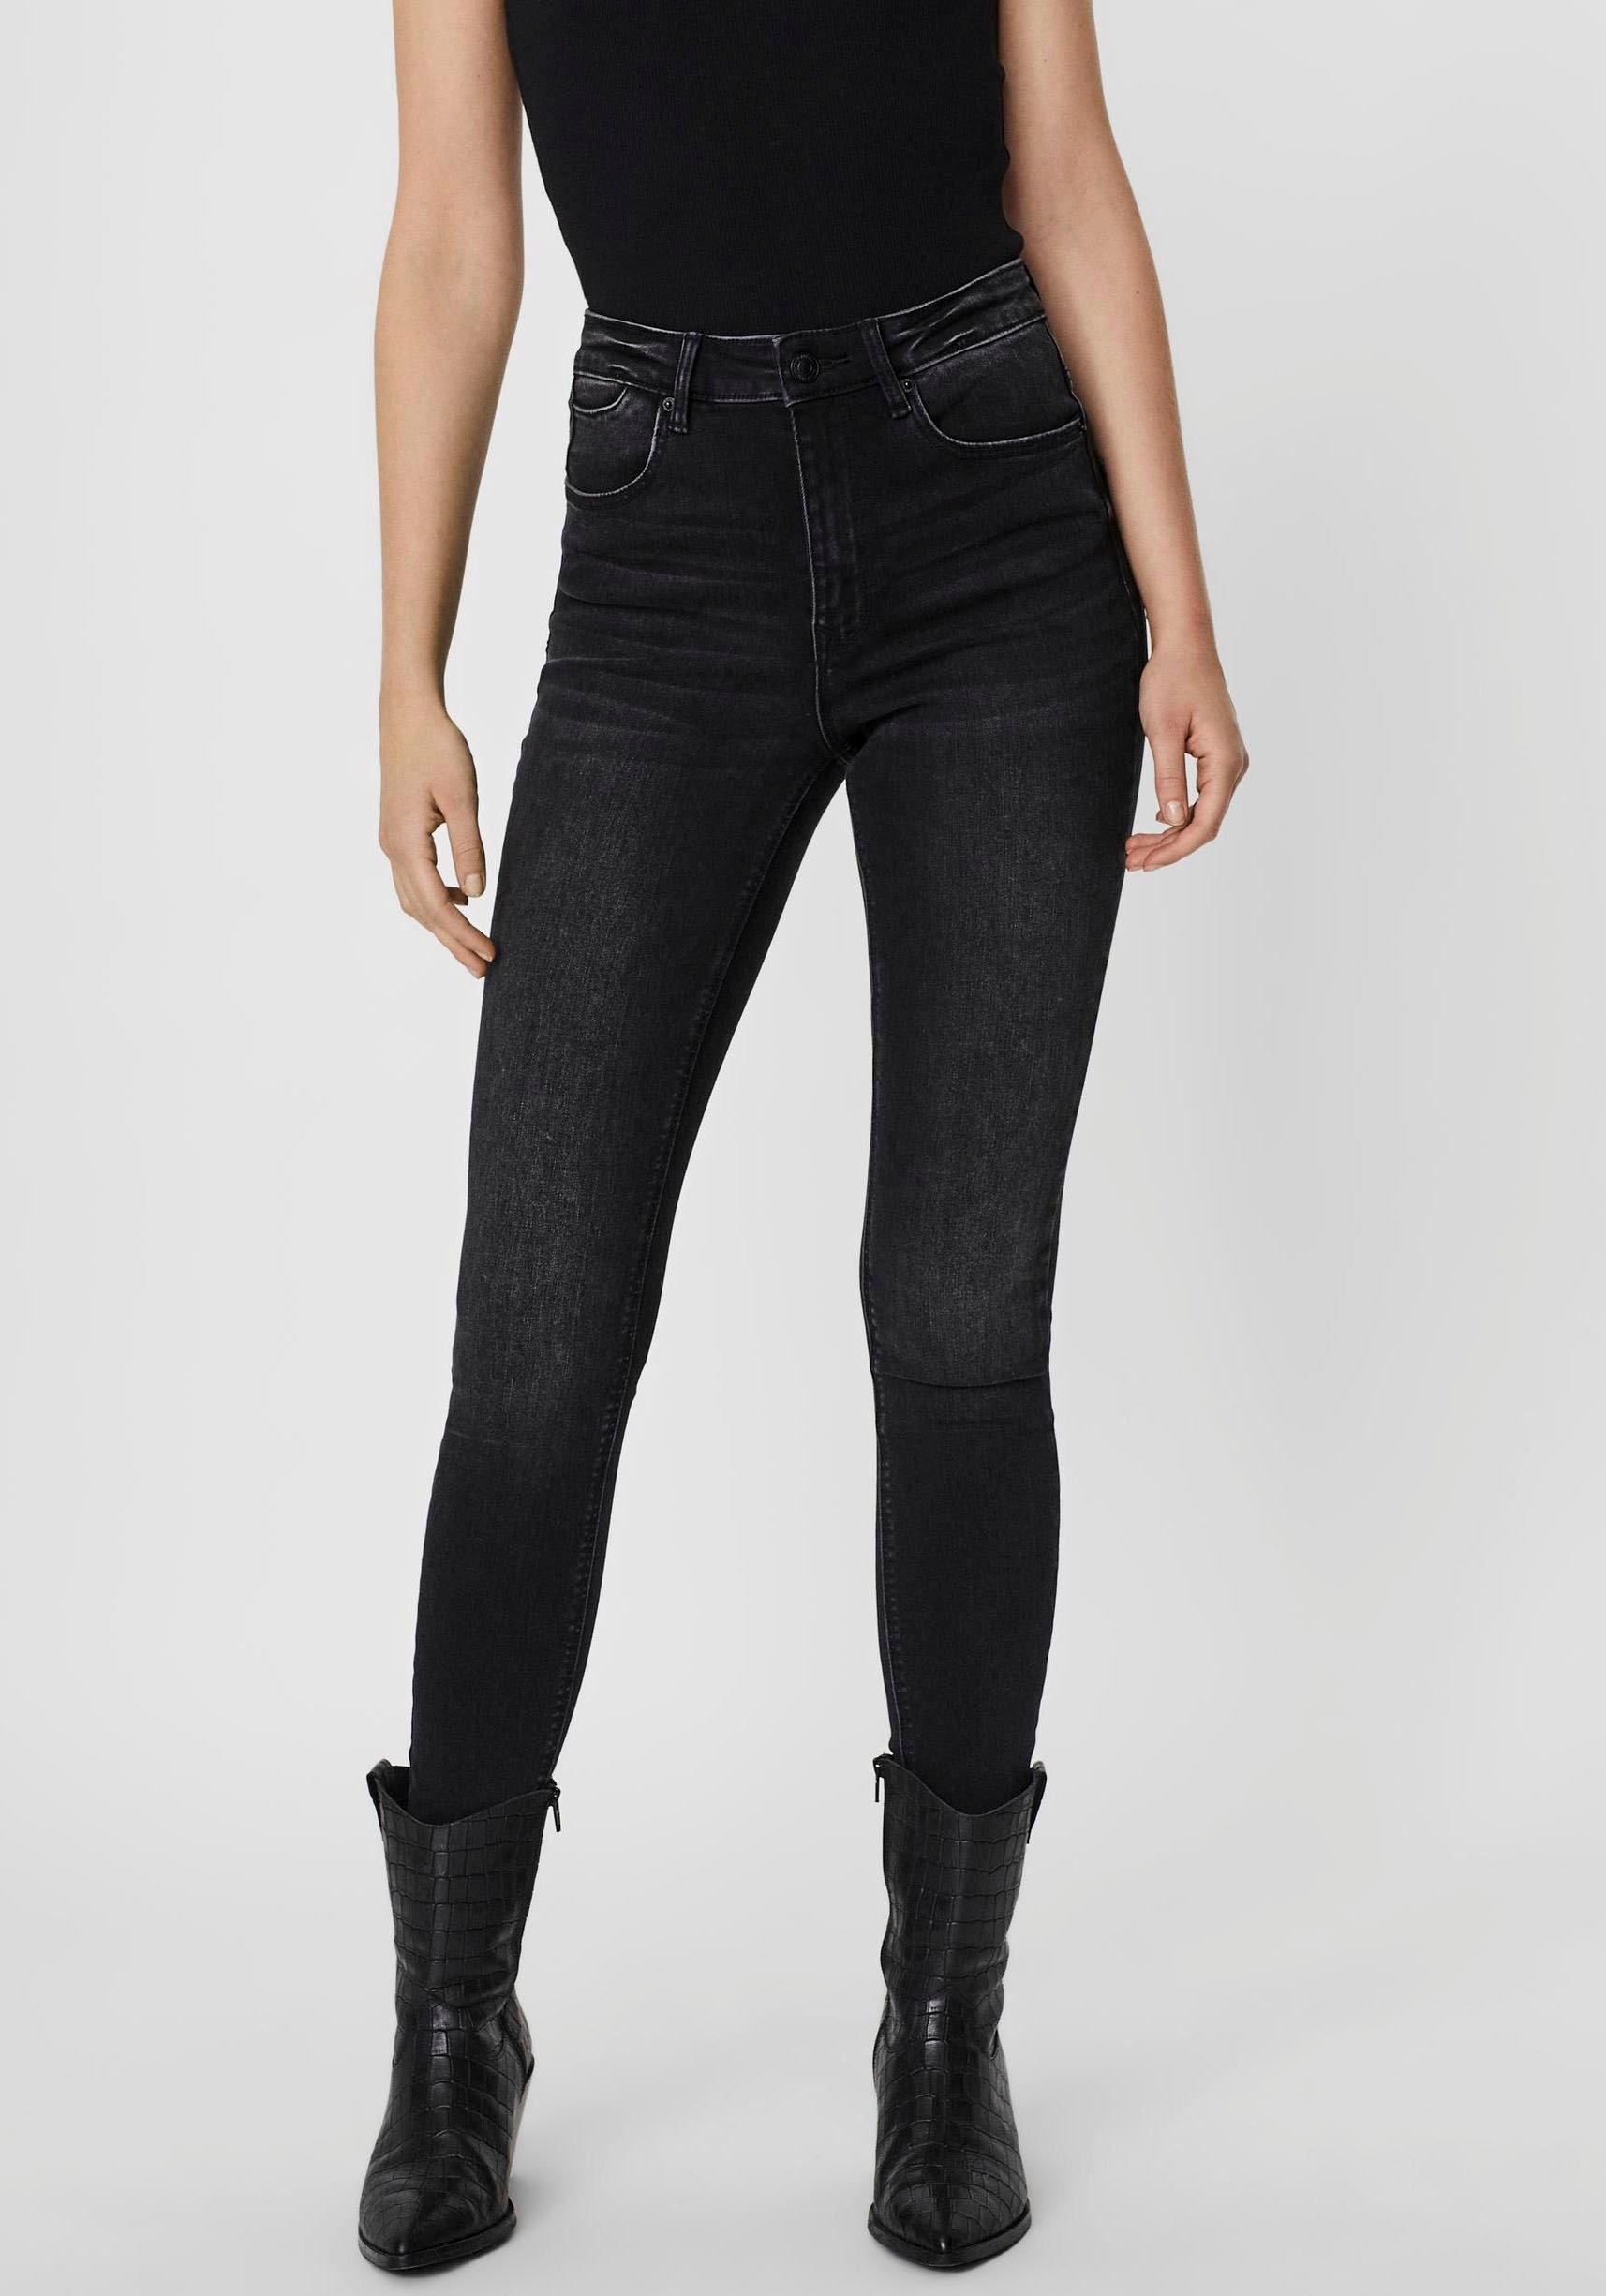 Vero Moda high-waist jeans VMSOPHIA voordelig en veilig online kopen